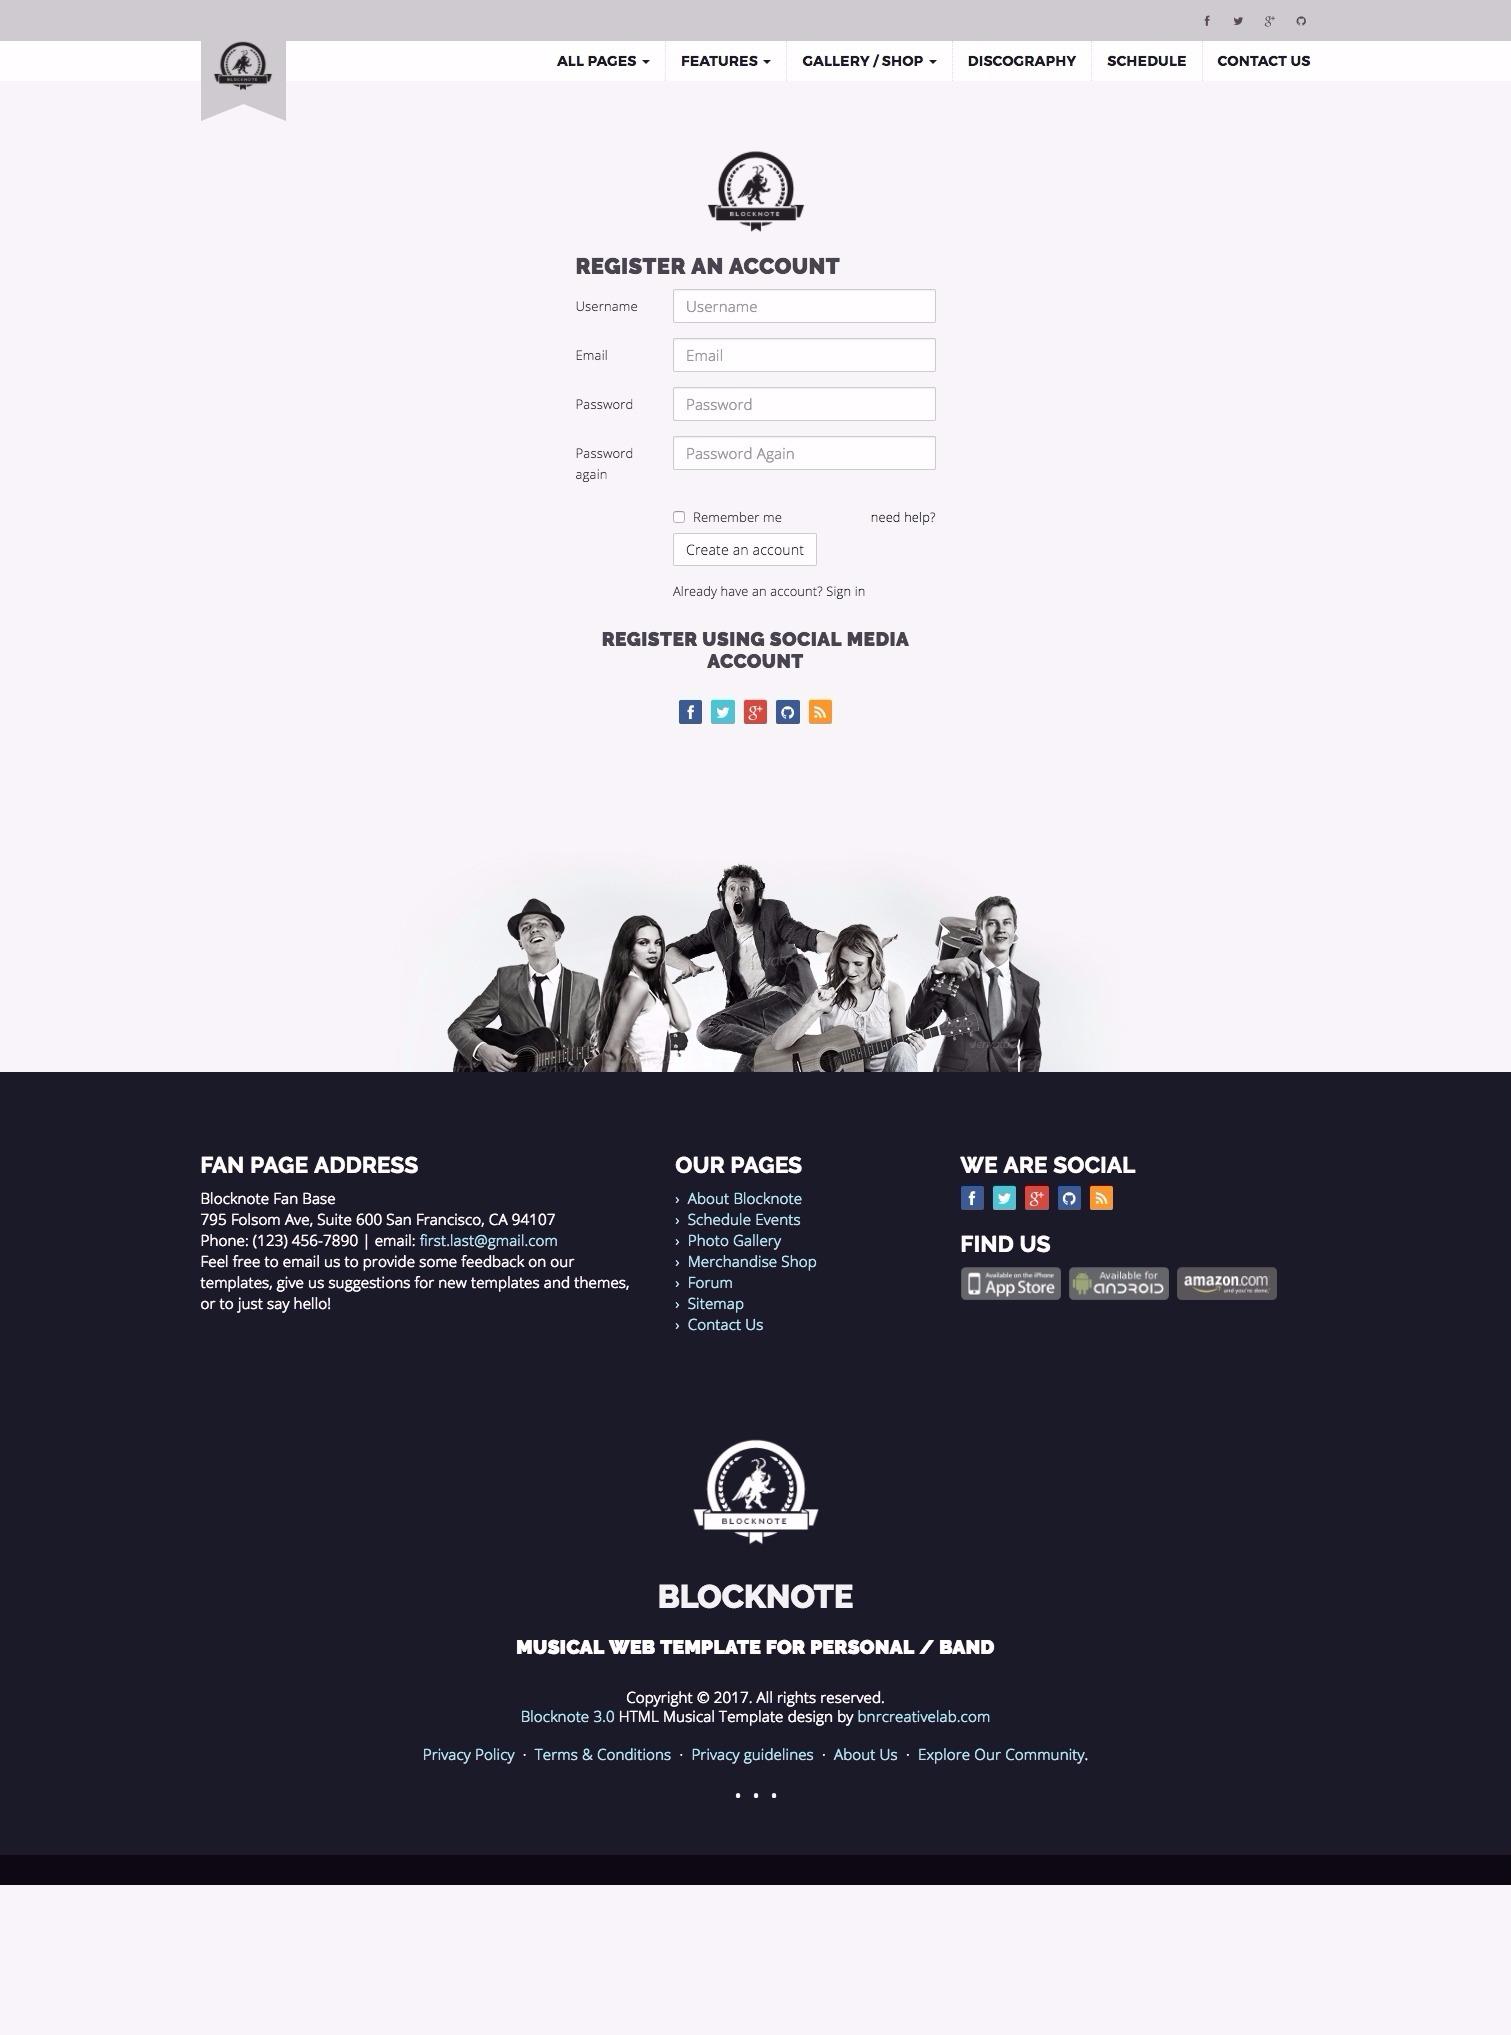 website schedule template